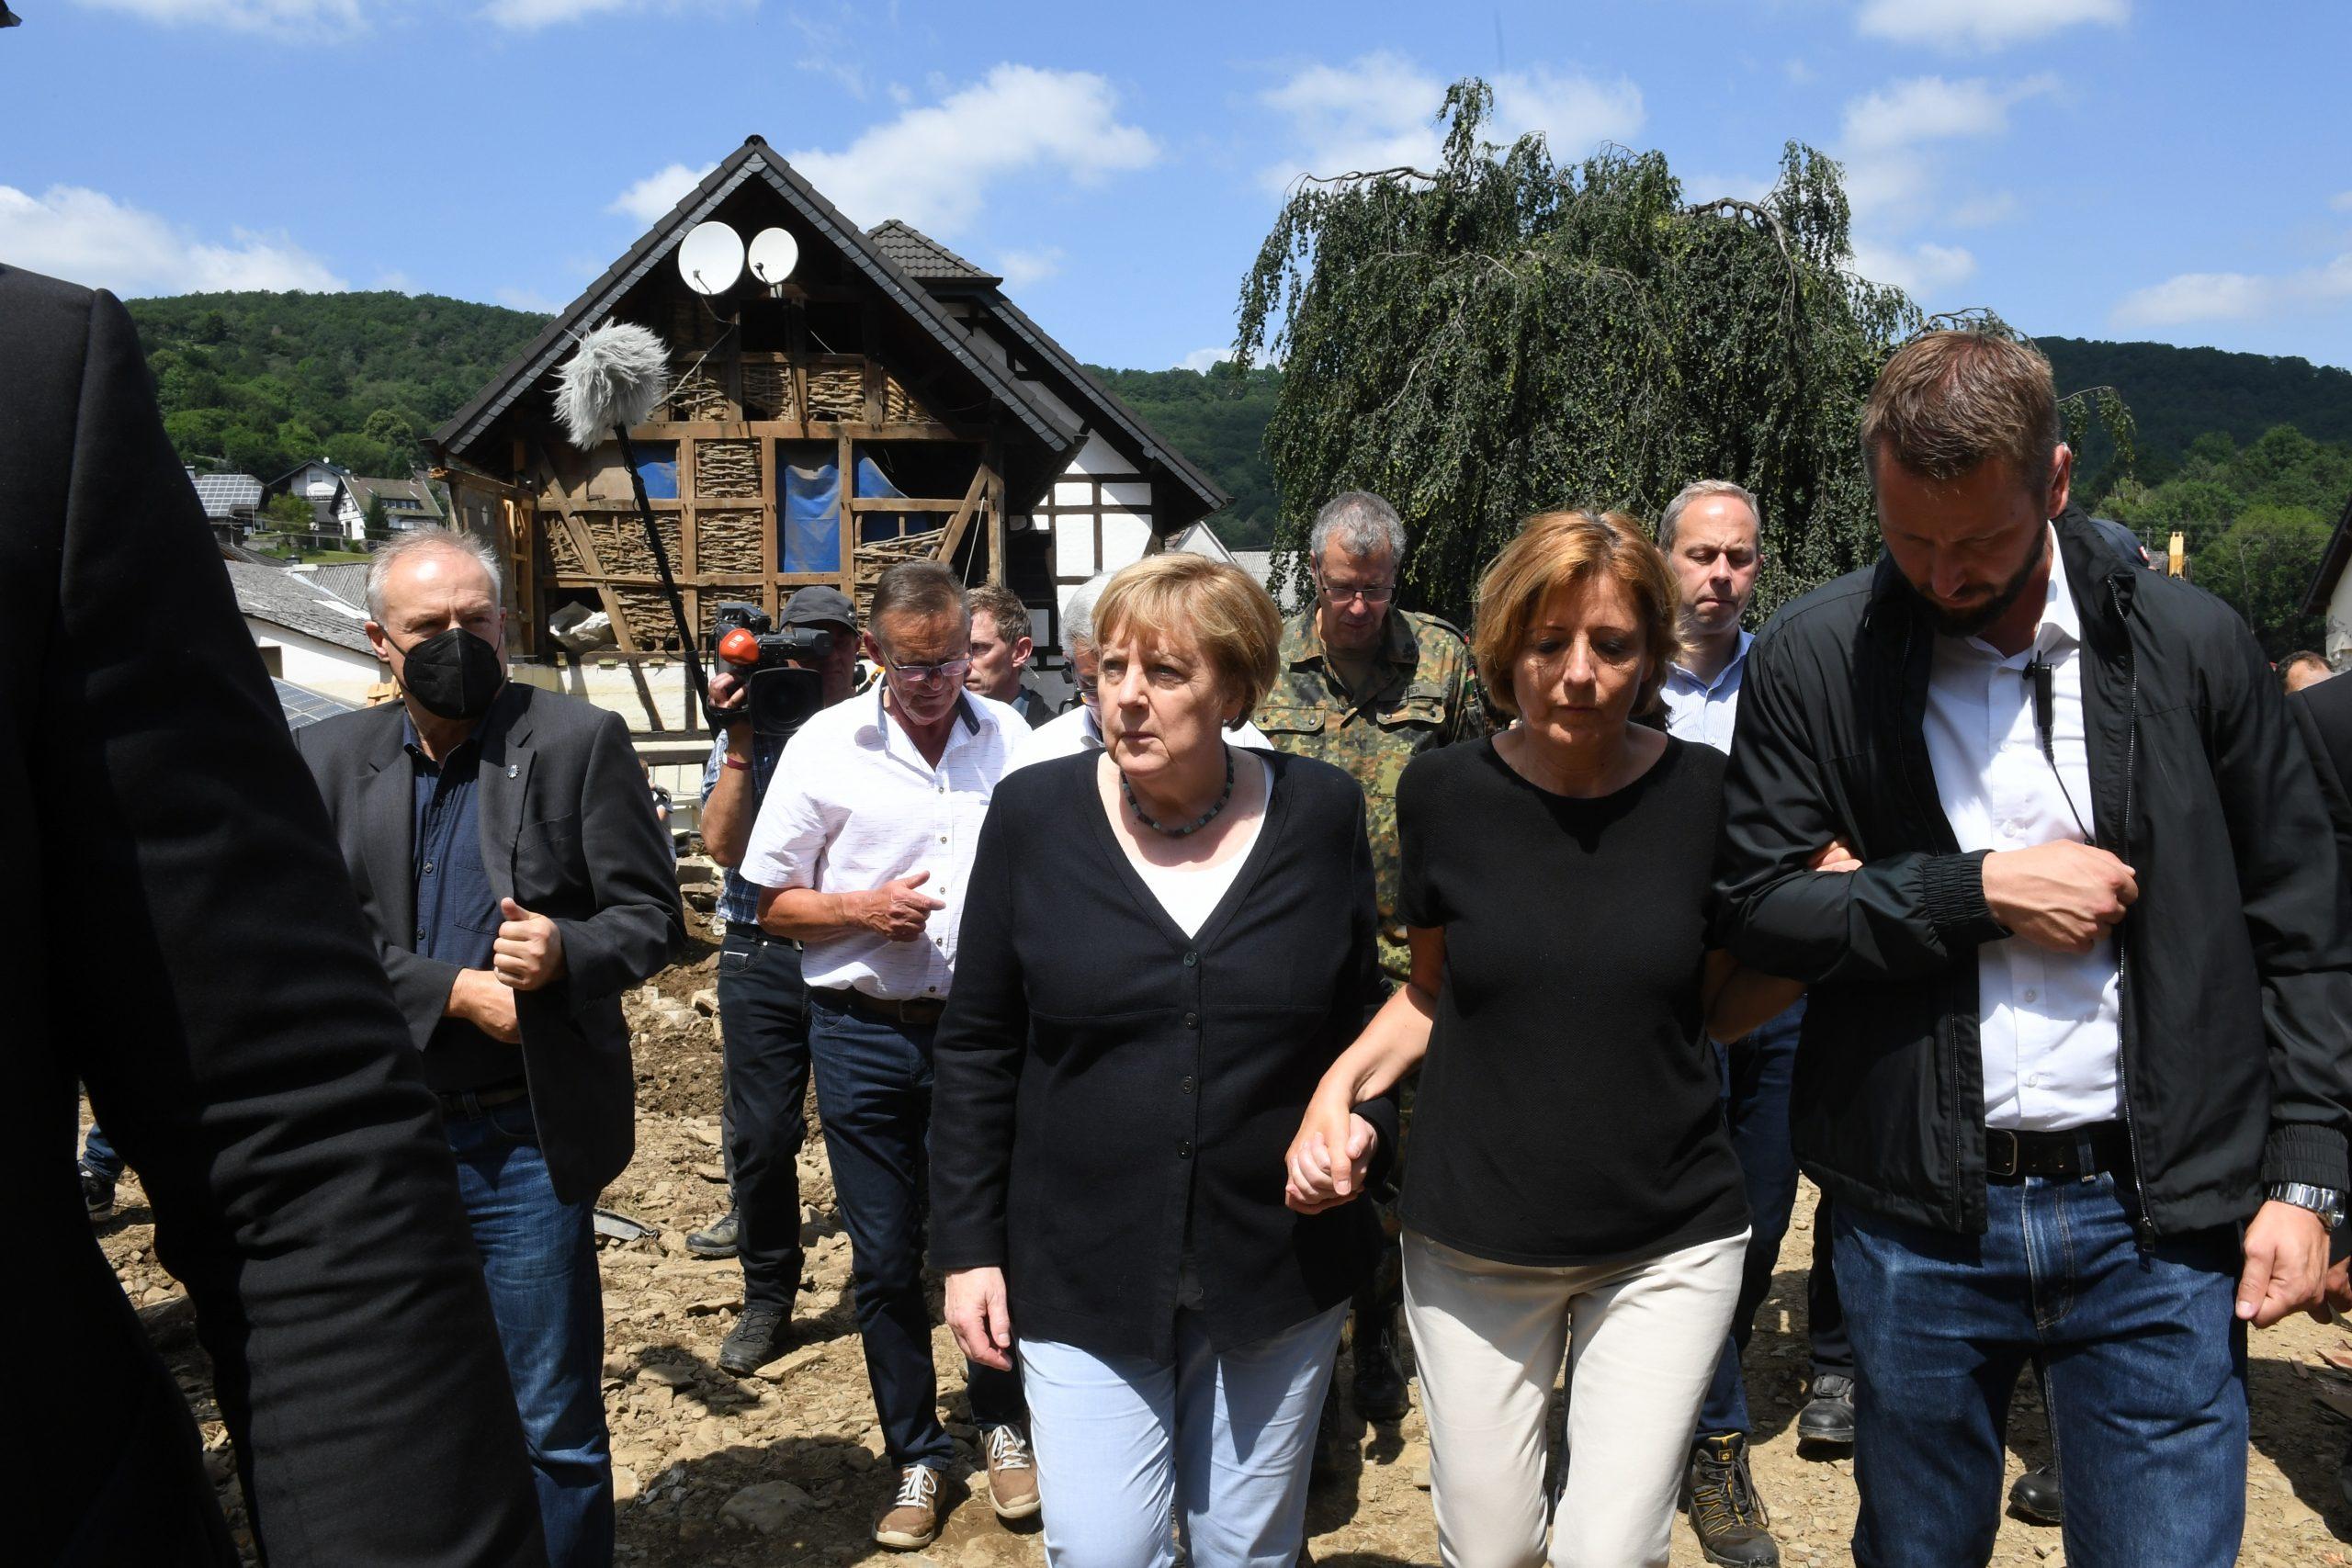 Bundeskanzlerin Angela Merkel (3.v.r.) und Malu Dreyer (2.v.r,SPD), Ministerpräsidentin von Rheinland-Pfalz, gehen durch das vom Hochwasser verwüstete Dorf Schuld in der Nähe von Bad Neuenahr-Ahrweiler